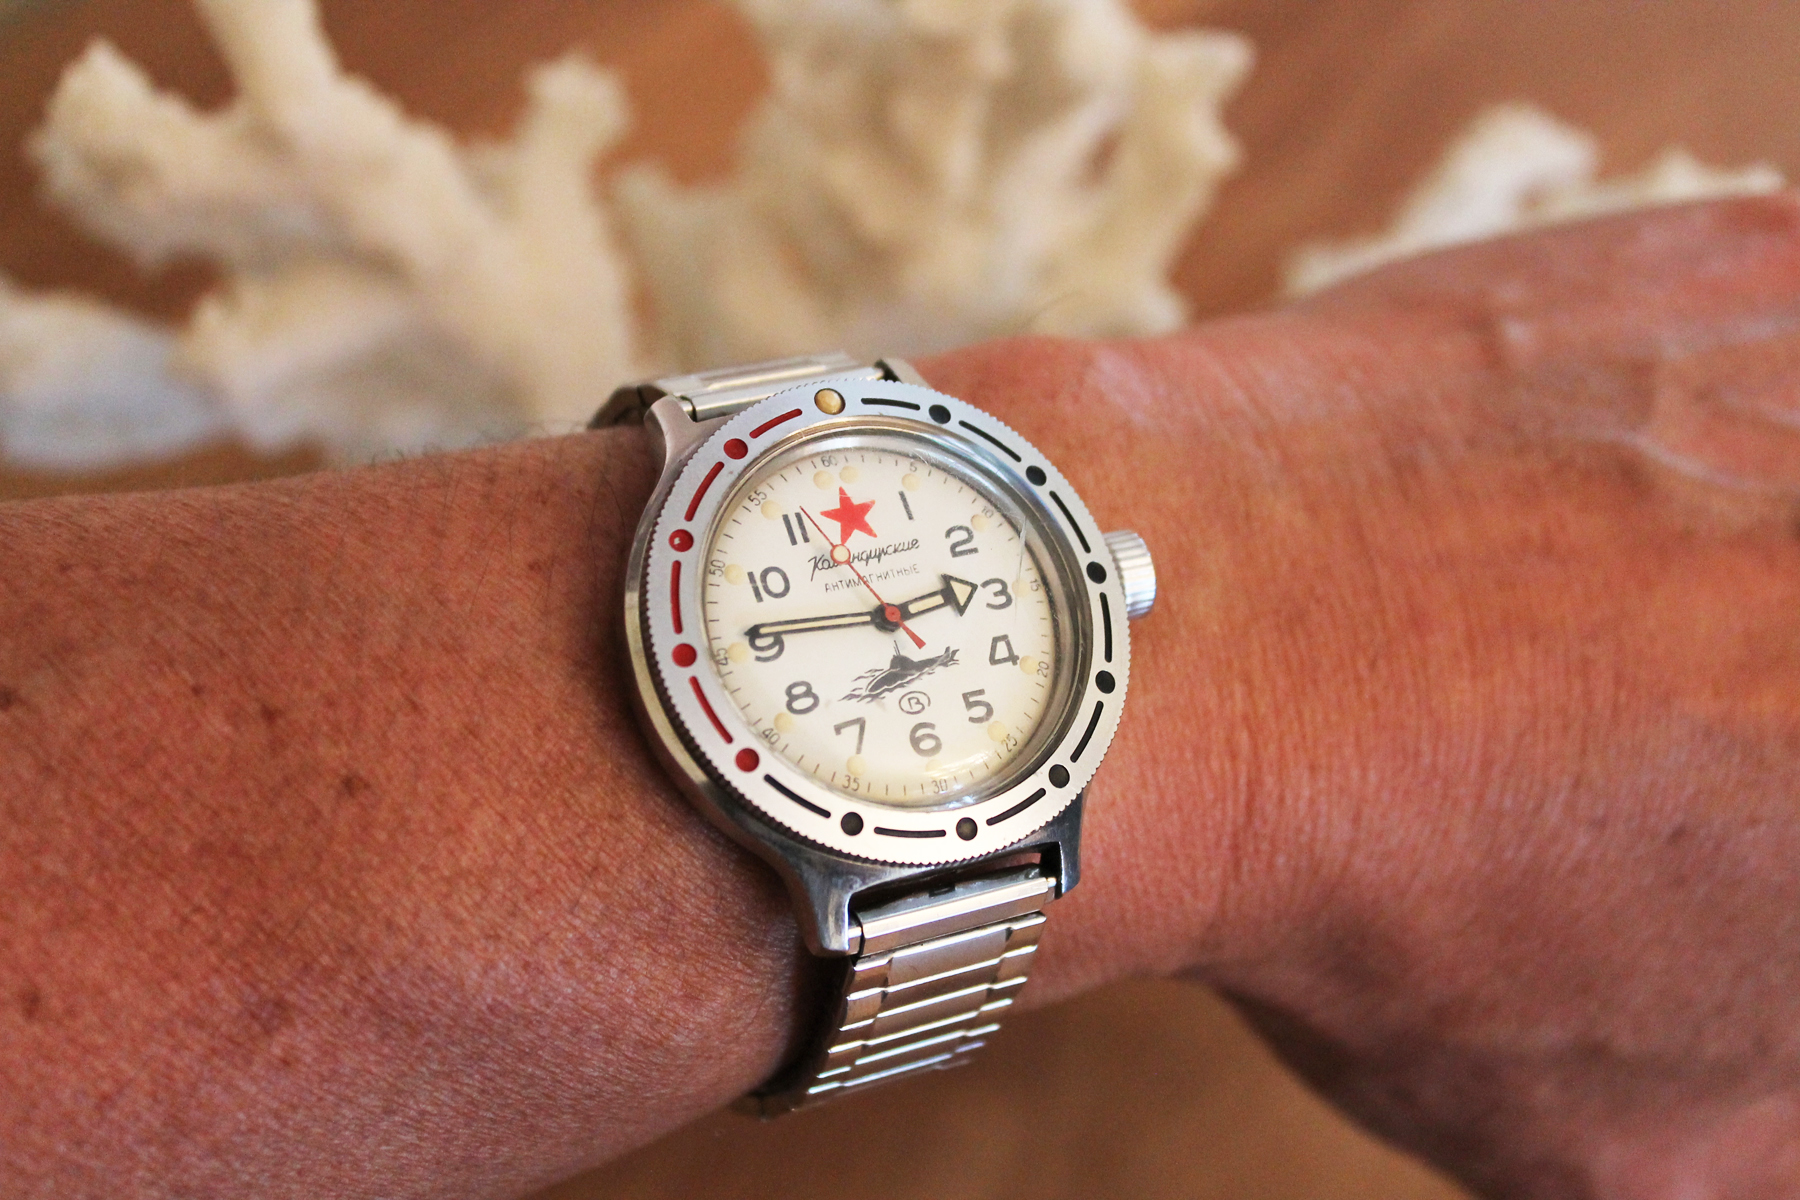 Vostok komandirskie watch review for Komandirskie watches